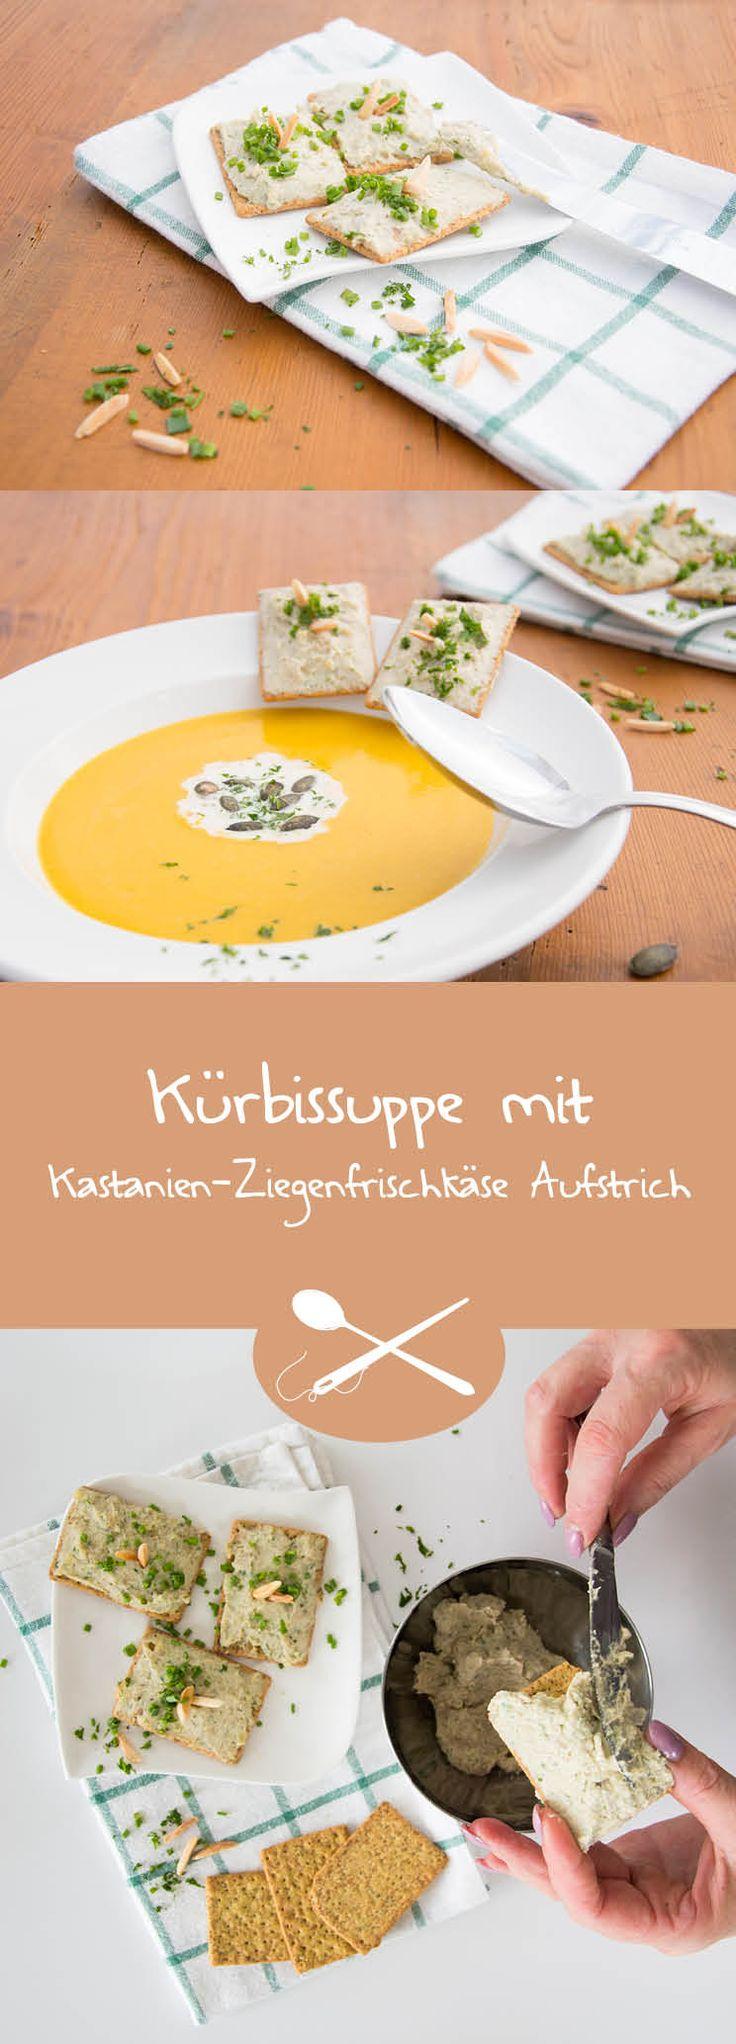 An kalten Tagen wärmt diese Suppe wohlig den Magen. Der Kastanien-Ziegenfrischkäse-Aufstrich gibt einen feinen Touch, an dem Hildegard von Bingen sicher Freude hätte.